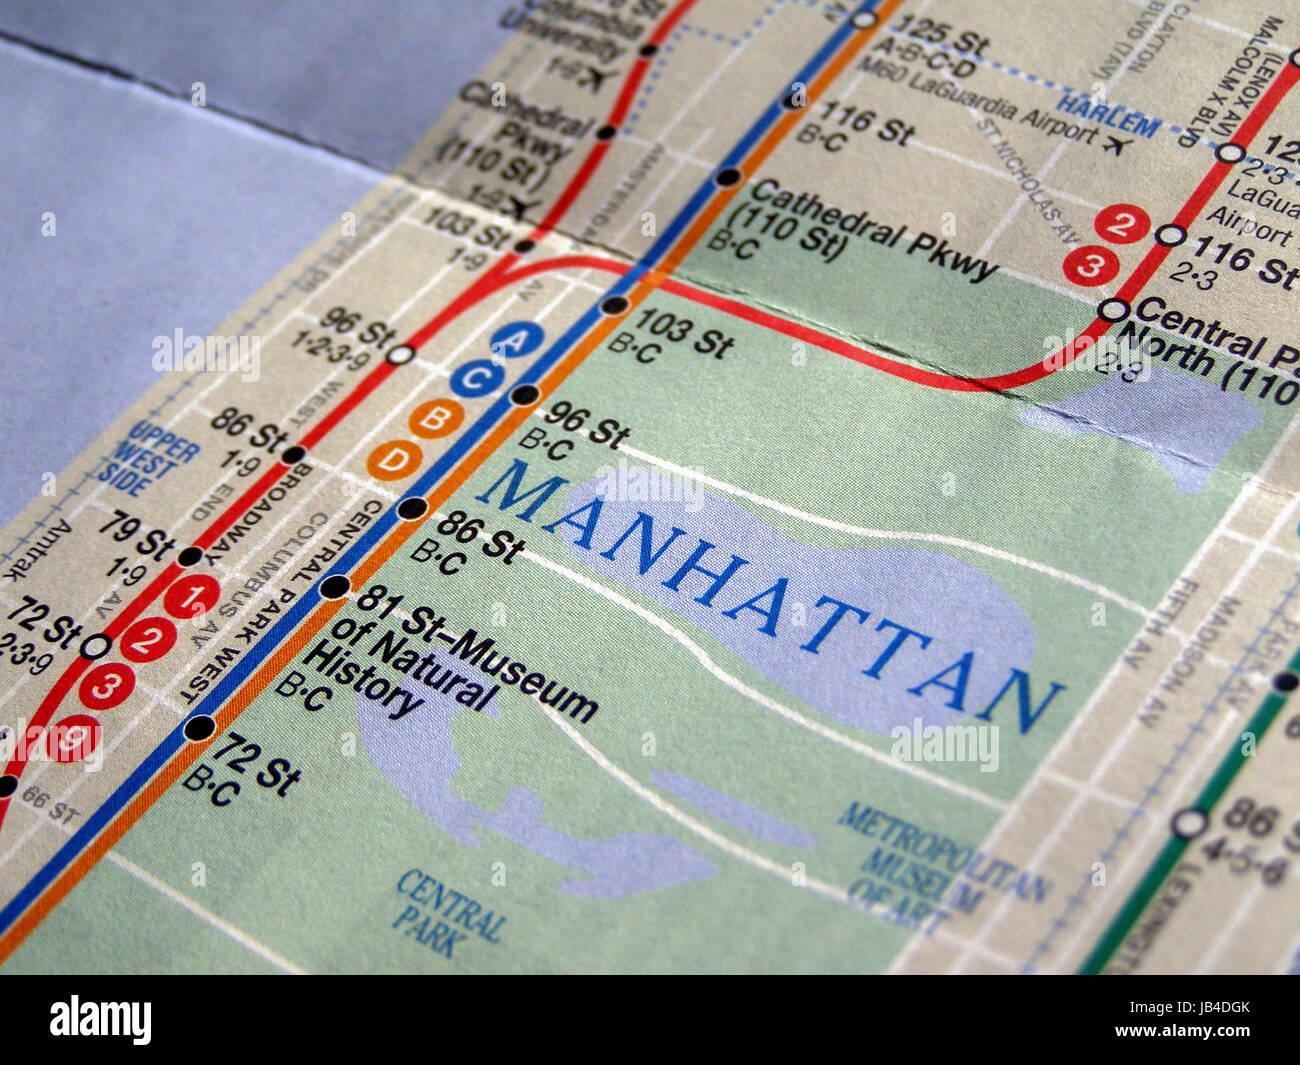 1 Page Nyc Subway Map.New York Subway Map Stock Photos New York Subway Map Stock Images